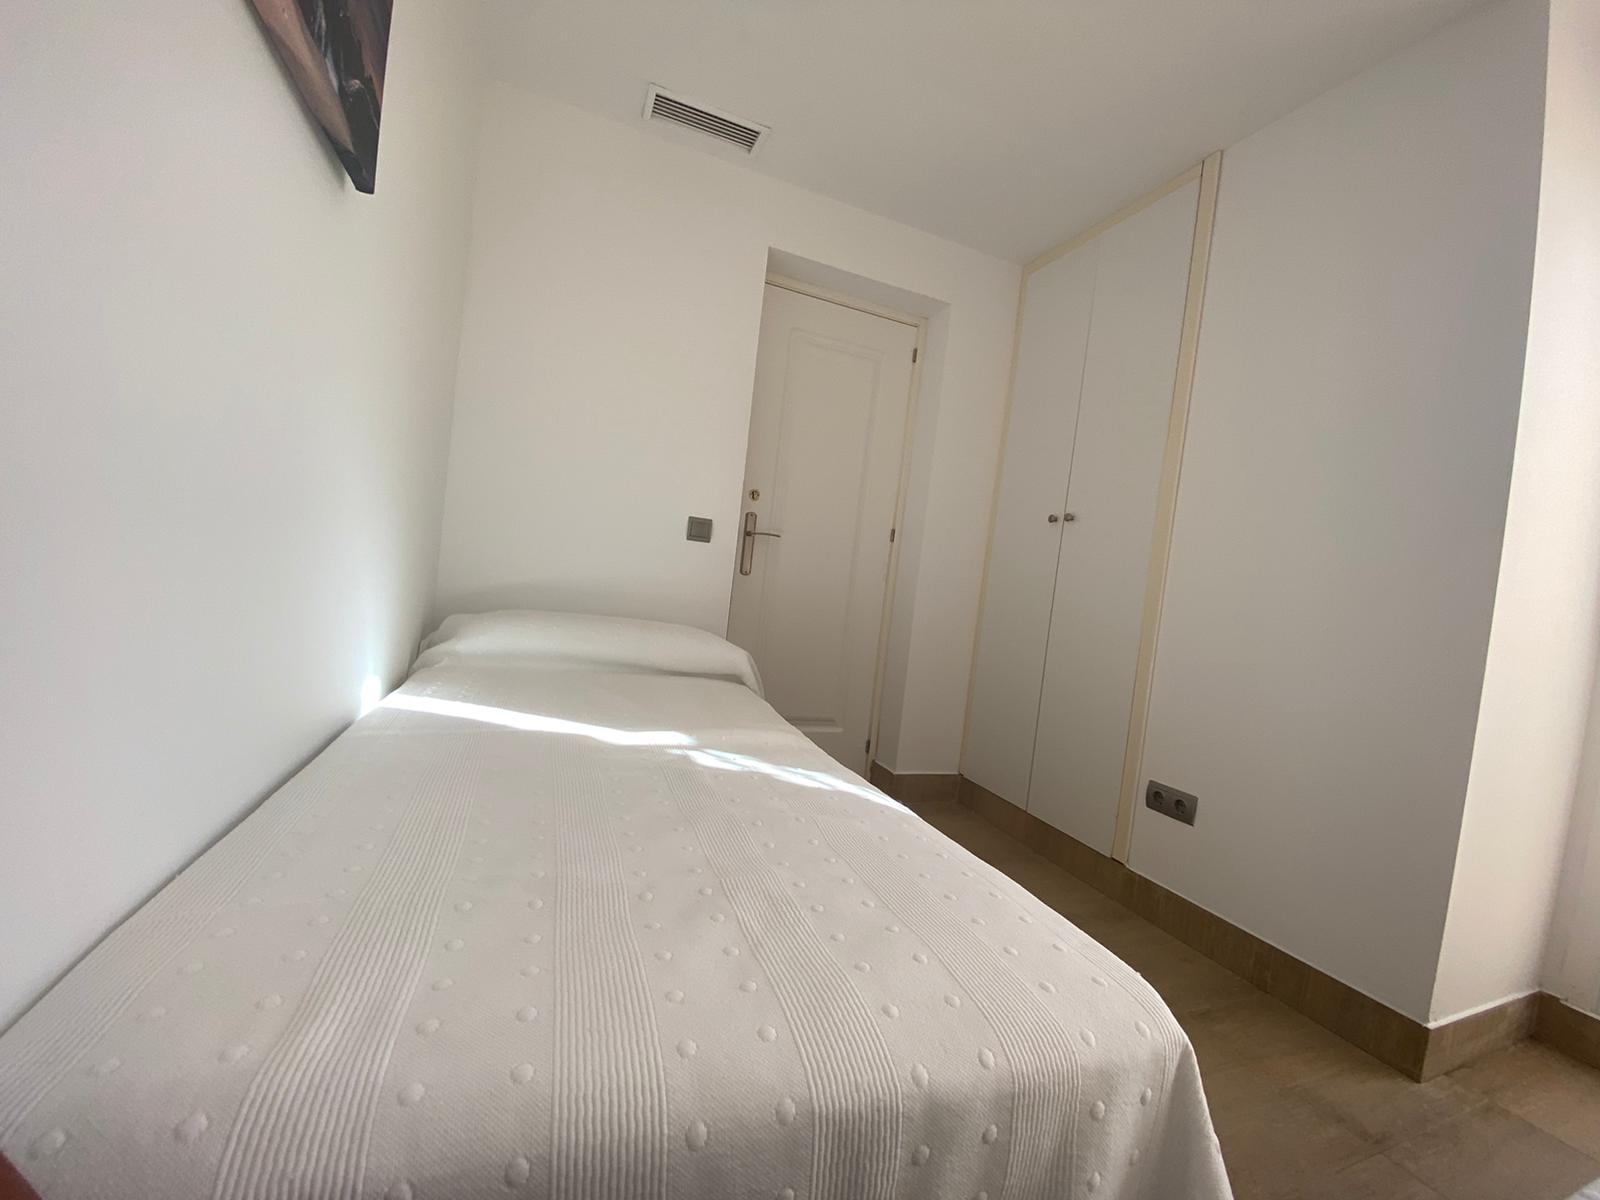 Imagen 22 del Apartamento Turístico, Ático 7 Levante (3d +2b), Punta del Moral (HUELVA), Paseo de la Cruz nº22